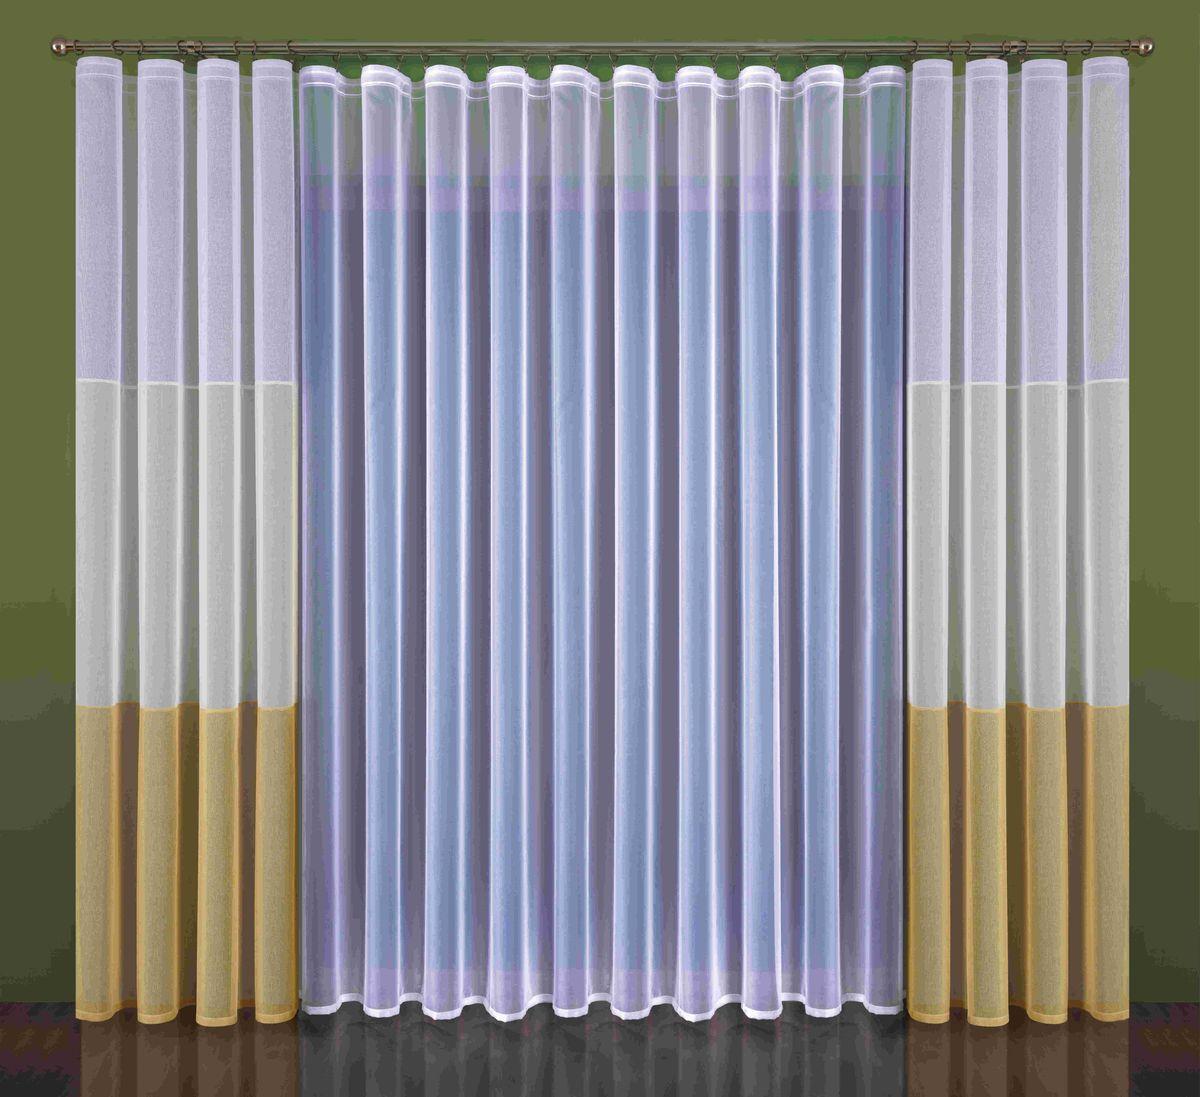 Комплект штор Wisan Kleonia, на ленте, цвет: белый, бежевый, высота 250 смS03301004Комплект штор Wisan Kleonia выполненный из полиэстера, великолепно украсит любое окно. В комплект входят 2 шторы и плотный тюль.Оригинальный дизайн придает комплекту особый стиль и шарм. Качественный материал и тонкое плетение, нежная цветовая гамма и роскошное исполнение - все это делает шторы Wisan Kleonia замечательным дополнением интерьера помещения.Комплект оснащен шторной лентой для красивой сборки. В комплект входит: Тюль - 1 шт. Размер (ШхВ): 500 см х 250 см.Штора - 2 шт. Размер (ШхВ): 140 см х 250 см. Фирма Wisan на польском рынке существует уже более пятидесяти лет и является одной из лучших польских фабрик по производству штор и тканей. Ассортимент фирмы представлен готовыми комплектами штор для гостиной, детской, кухни, а также текстилем для кухни (скатерти, салфетки, дорожки, кухонные занавески). Модельный ряд отличает оригинальный дизайн, высокое качество. Ассортимент продукции постоянно пополняется.